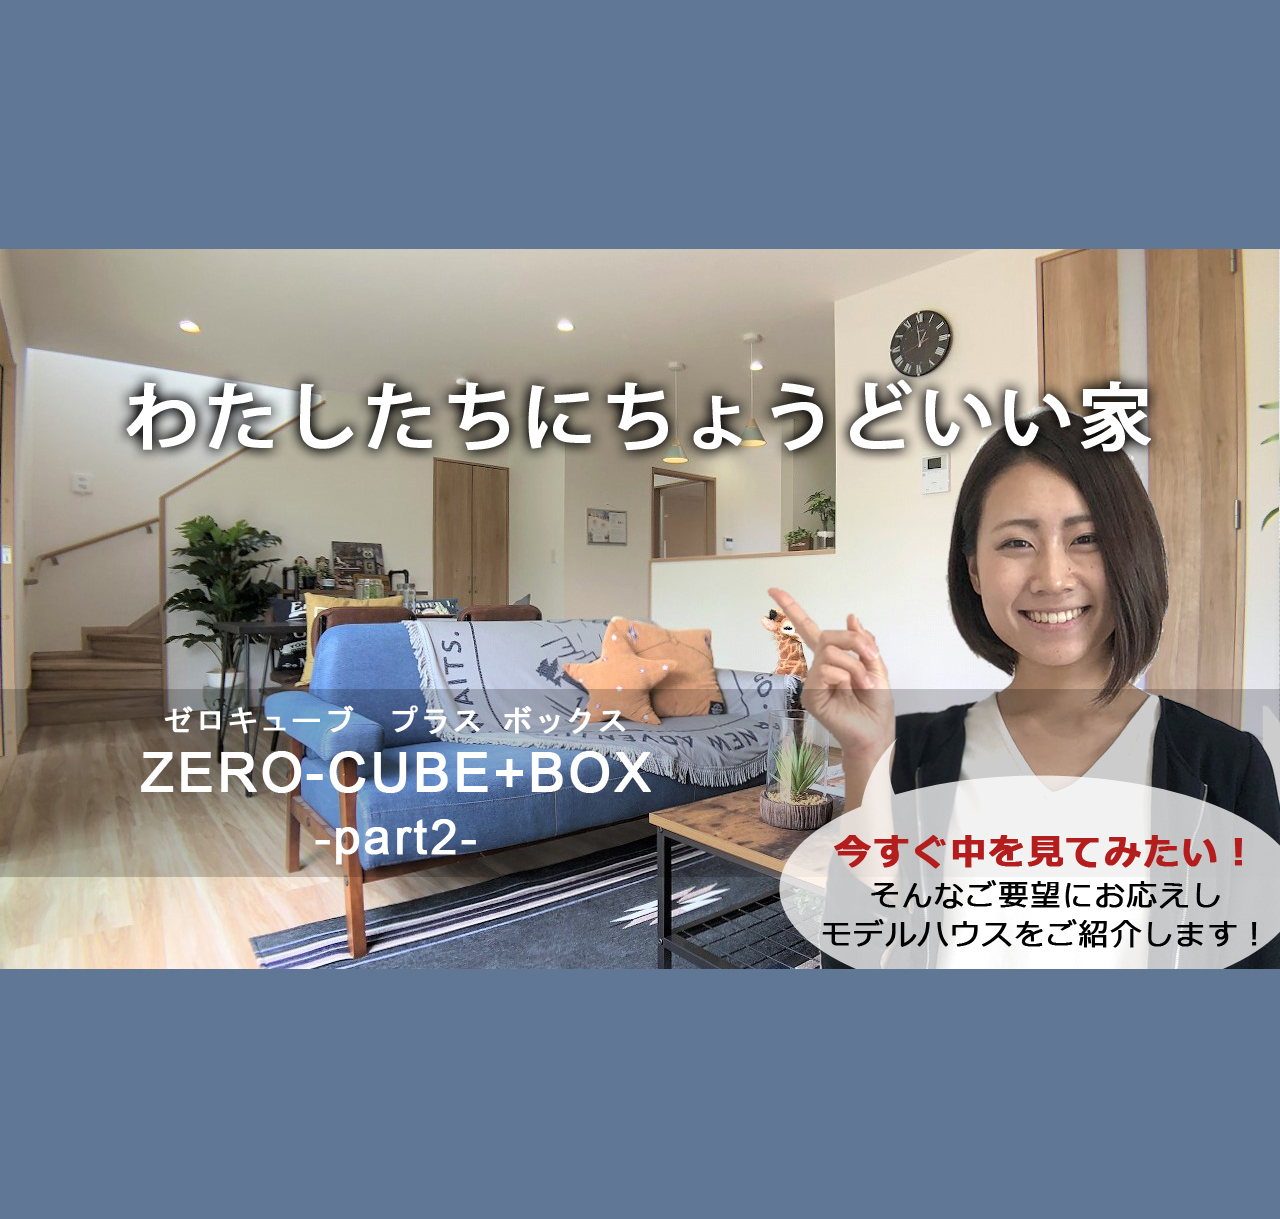 Youtube限定!バーチャル見学会 ZERO-CUBE+BOX